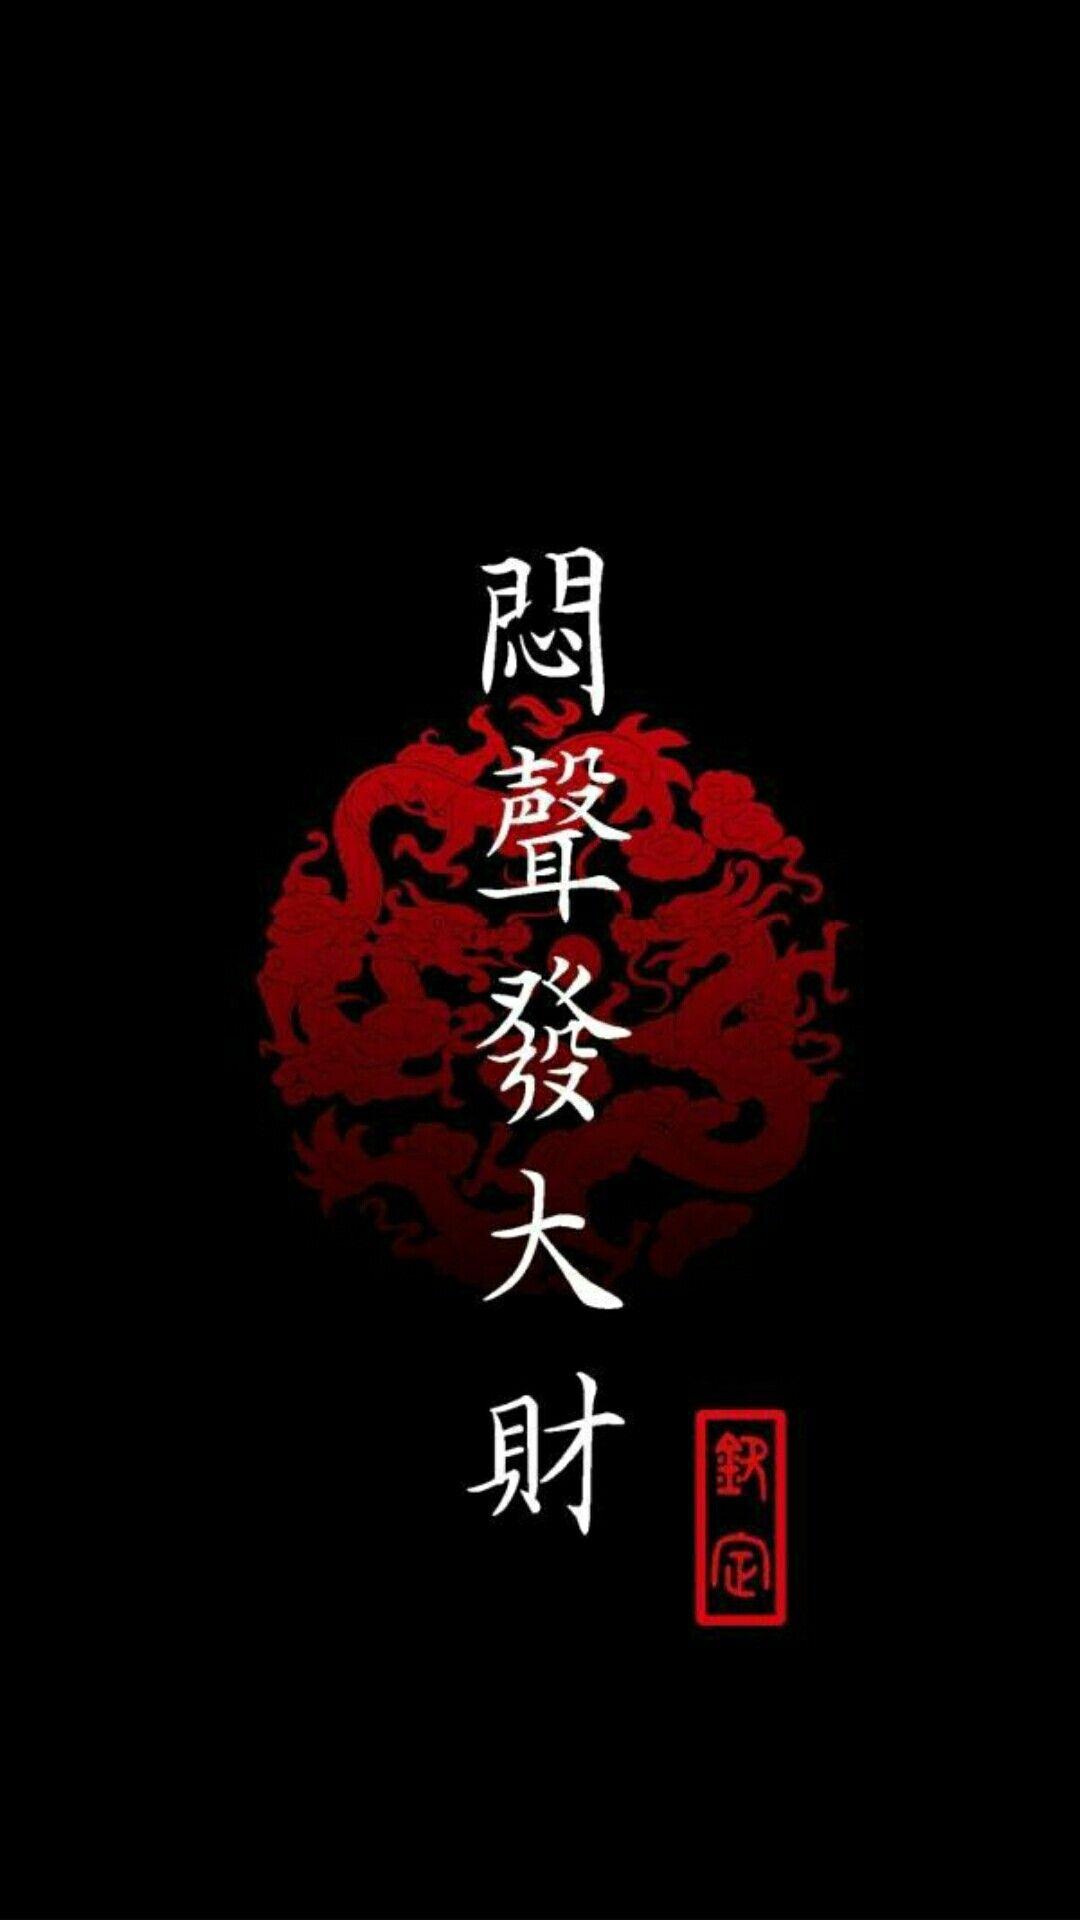 Pin By Ny On Fondos De Pantalla Japanese Wallpaper Iphone Samurai Wallpaper Art Wallpaper Iphone